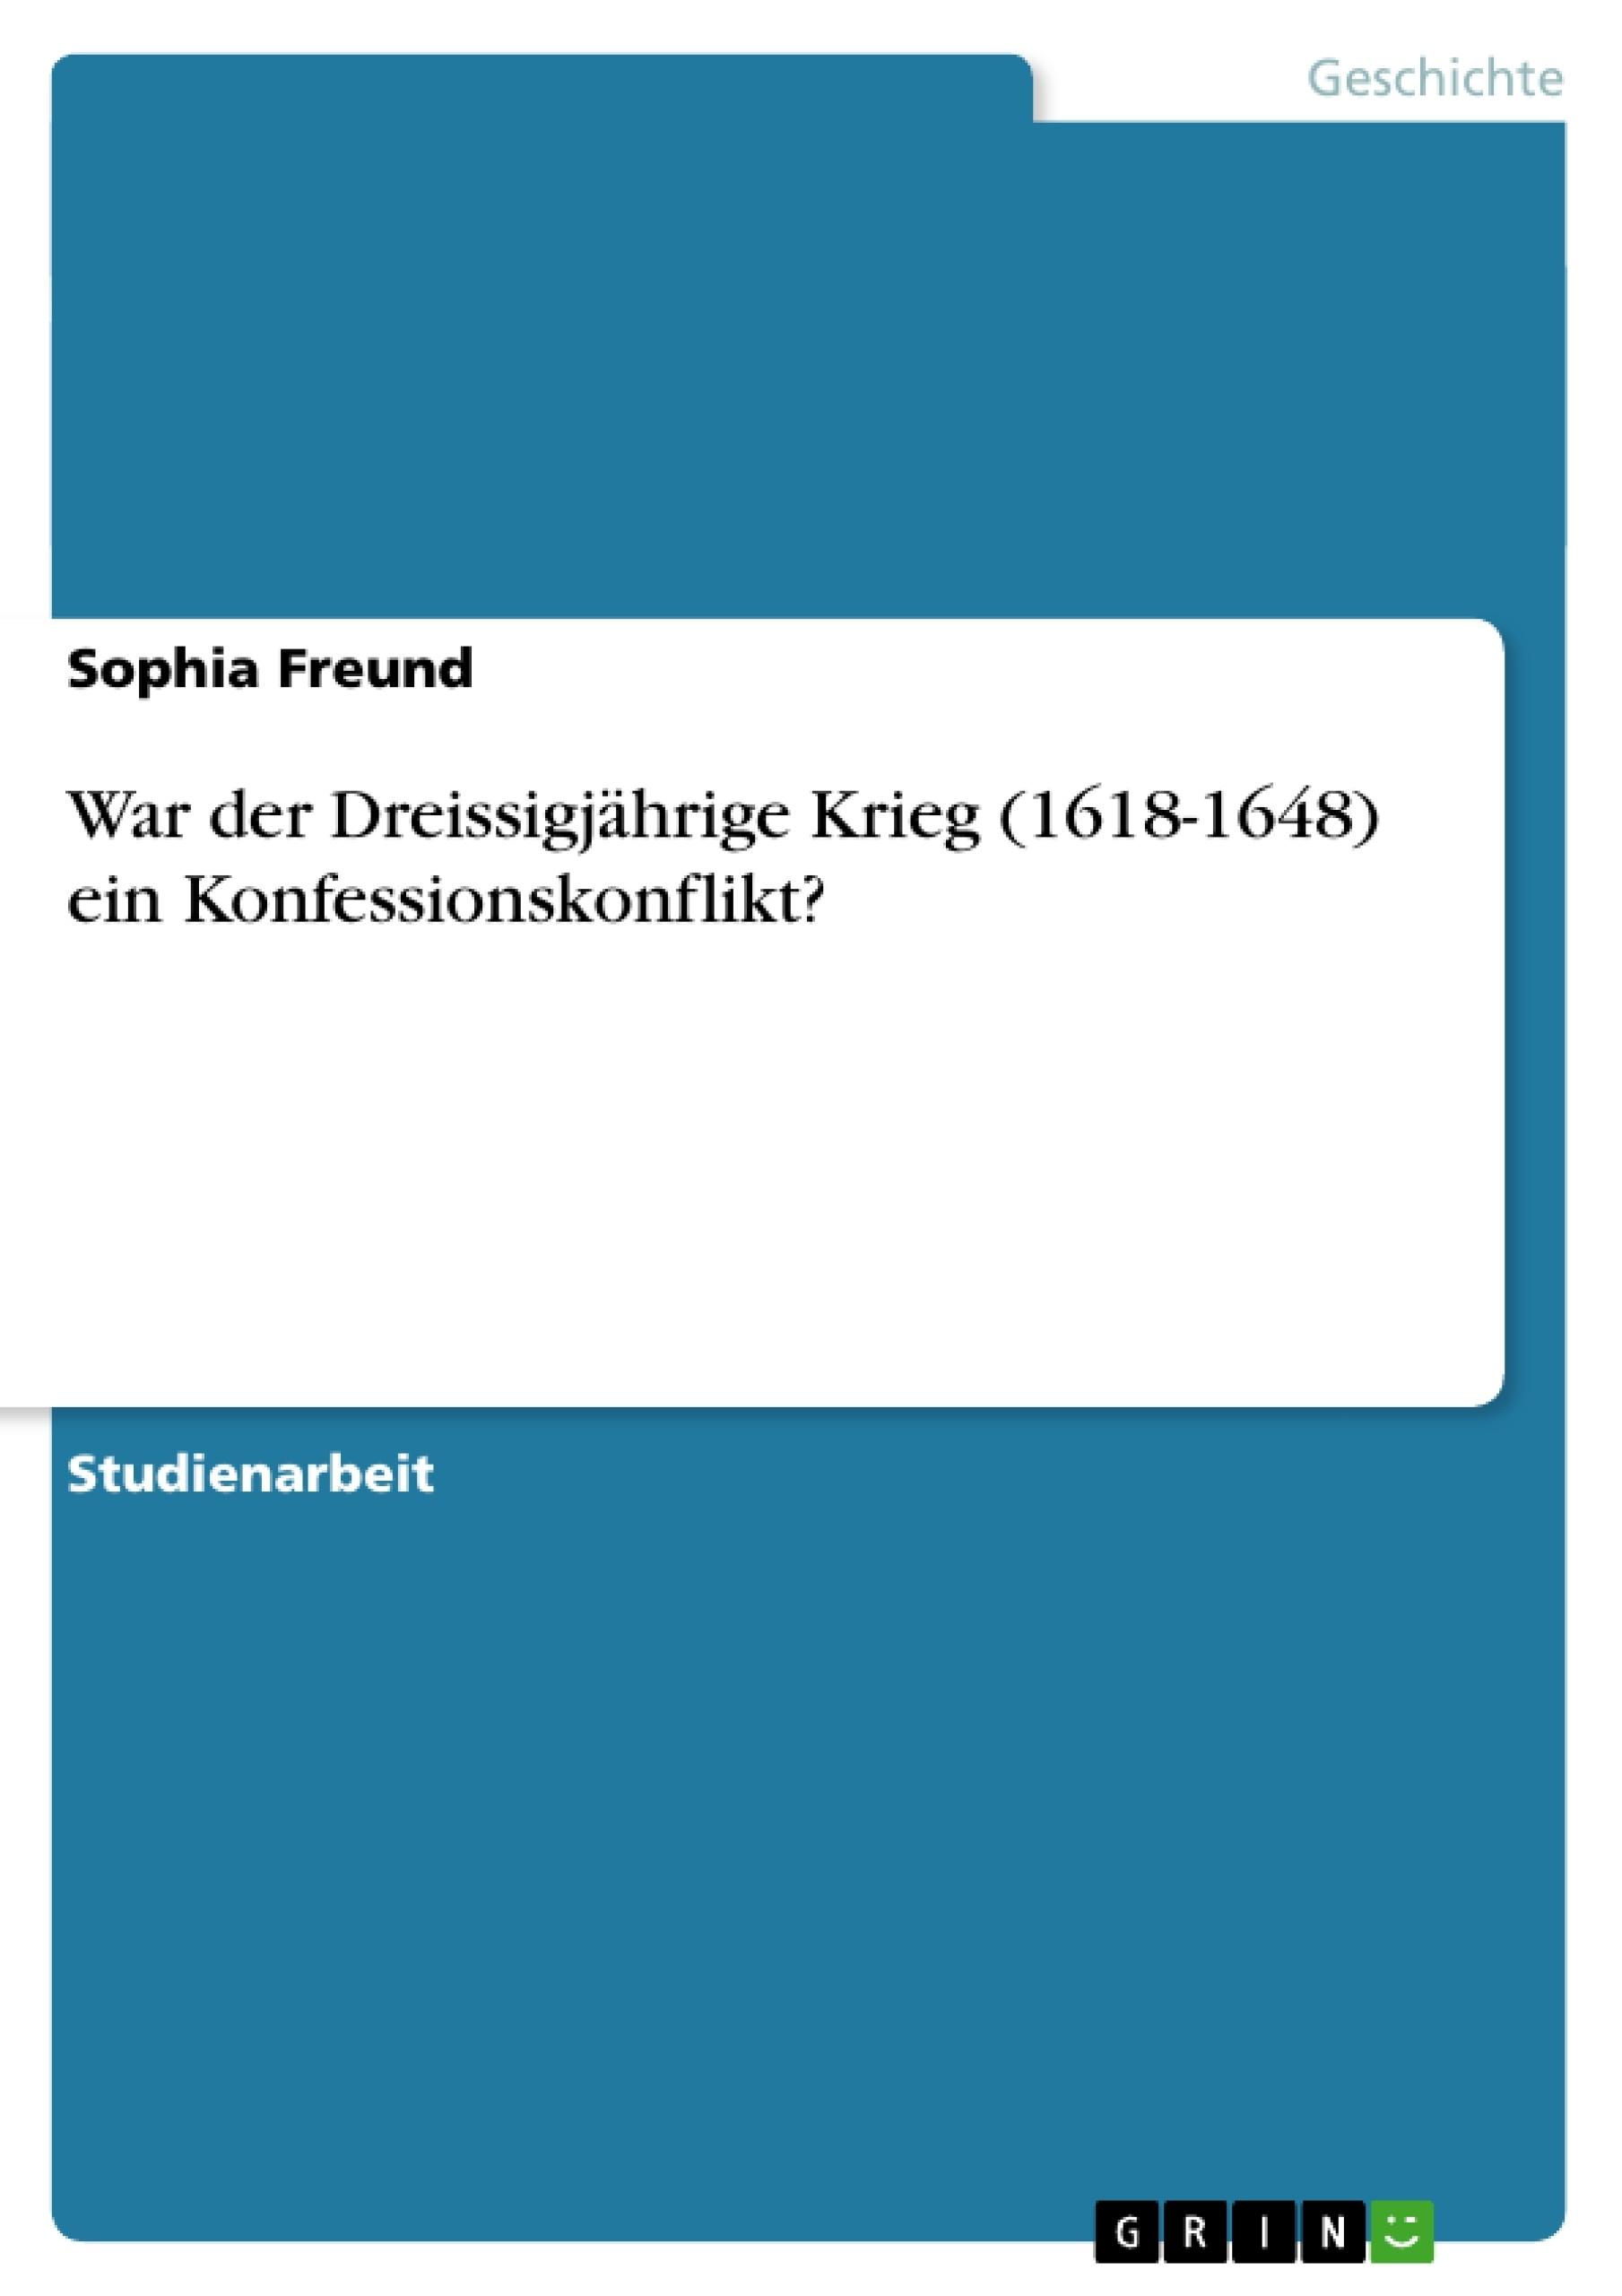 Titel: War der Dreissigjährige Krieg (1618-1648) ein Konfessionskonflikt?